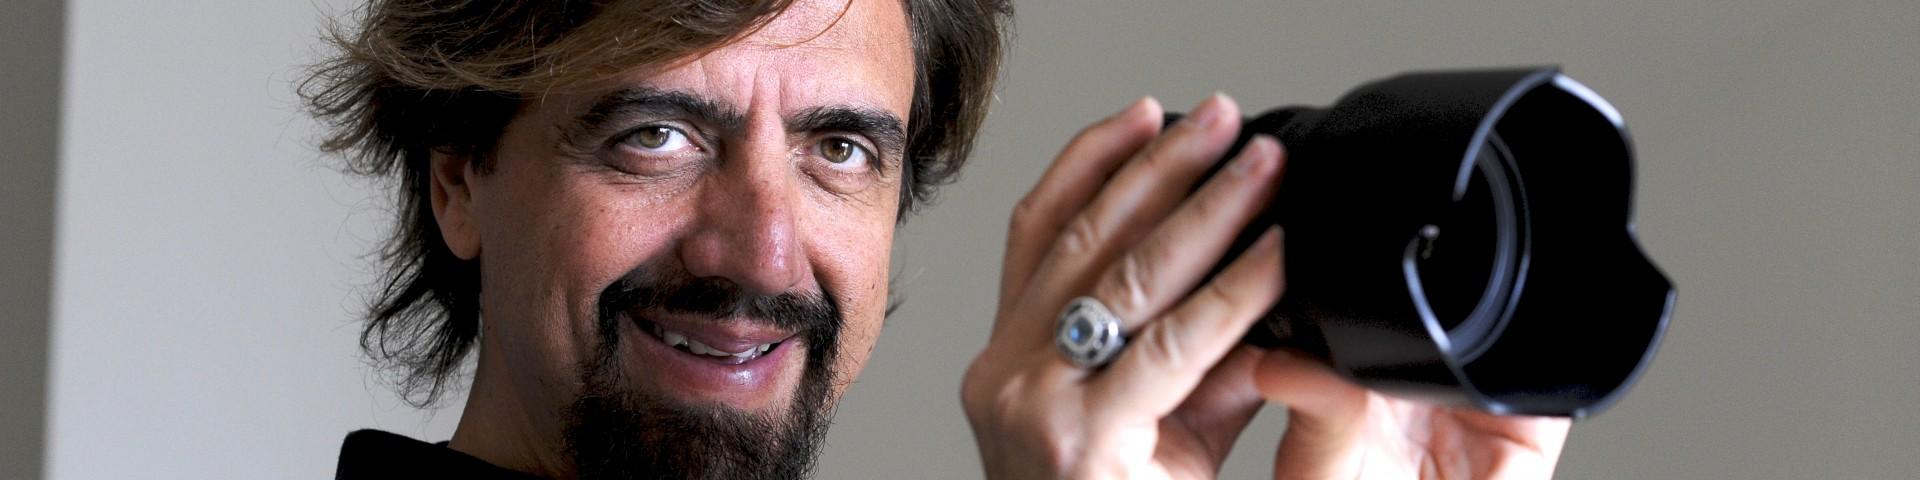 Tapiro d'Oro a Claudio Baglioni: Valerio Staffelli sbarca a Sanremo